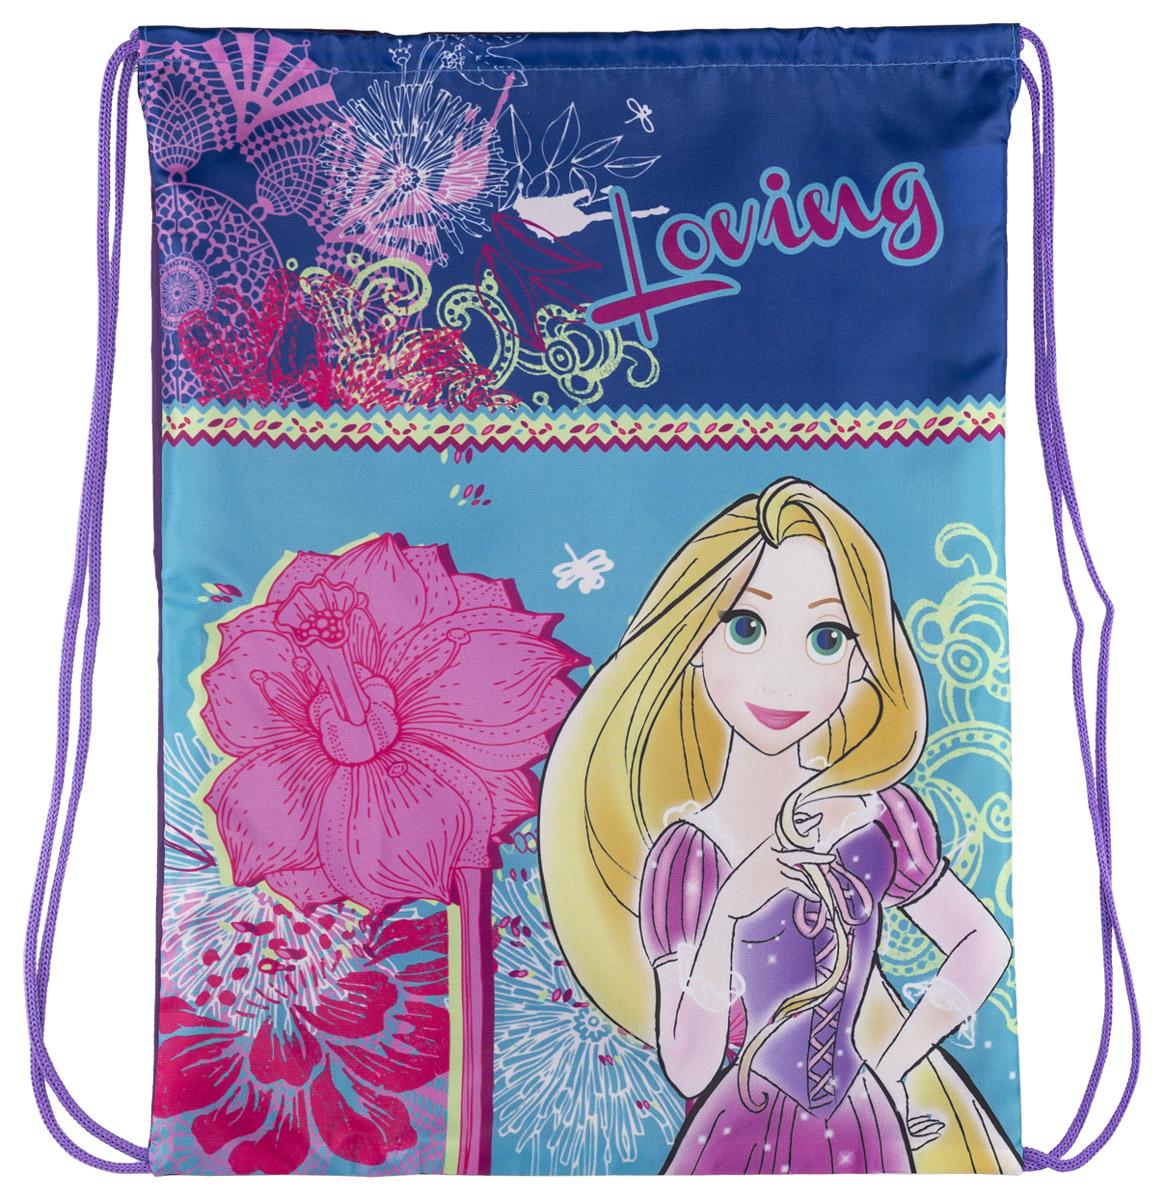 Disney Princess Сумка-рюкзак для обуви Princess цвет голубой PRCB-RT2-880 сумка disney af2530 05 2015 pu af2530 05